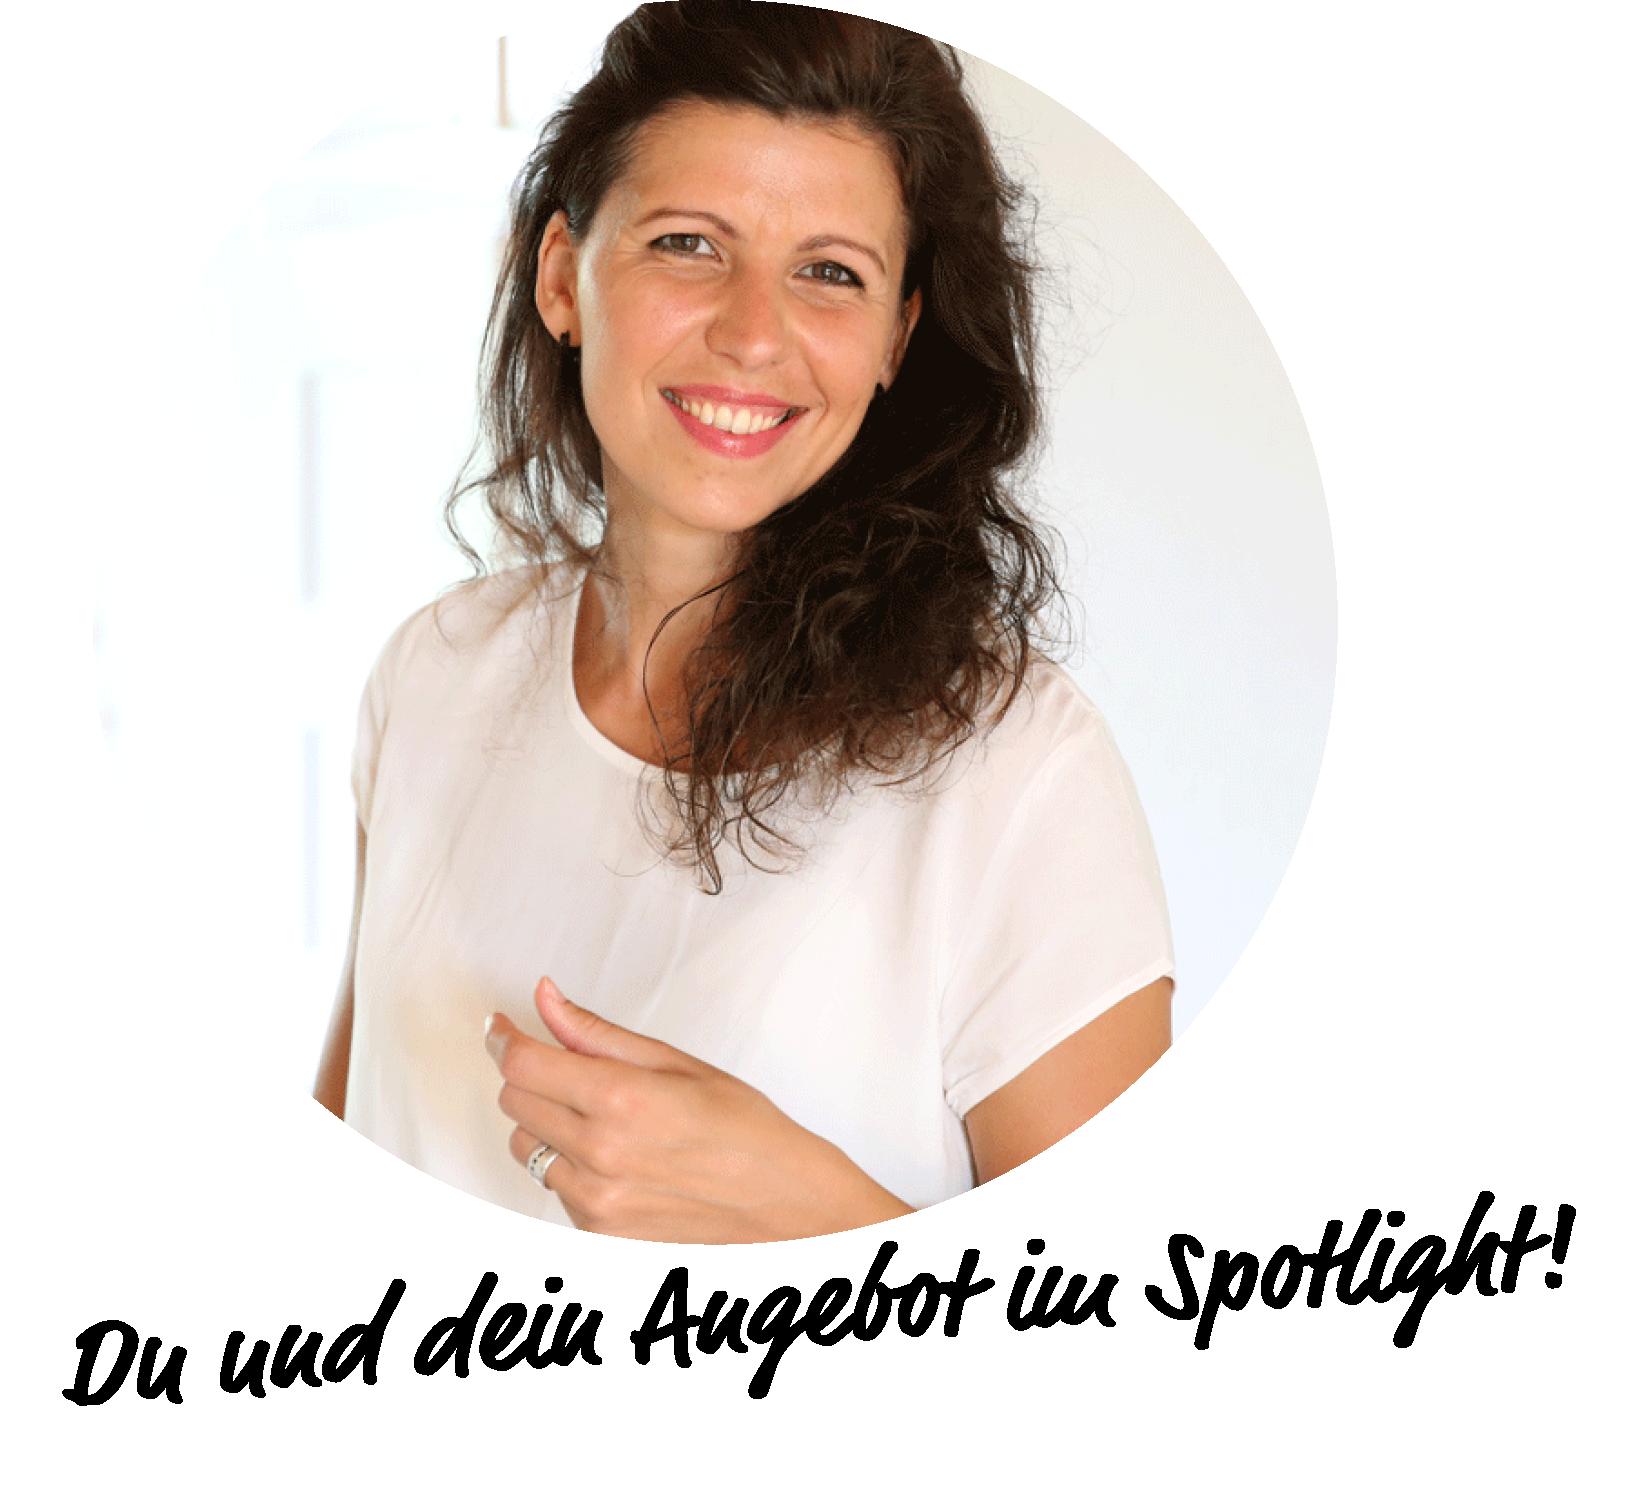 Du und dein Business im Spotlight!  Steht unter einem Bild auf dem Yvonne Knies-Peter mit einem Schweinwerfer in der Hand zu sehen ist.